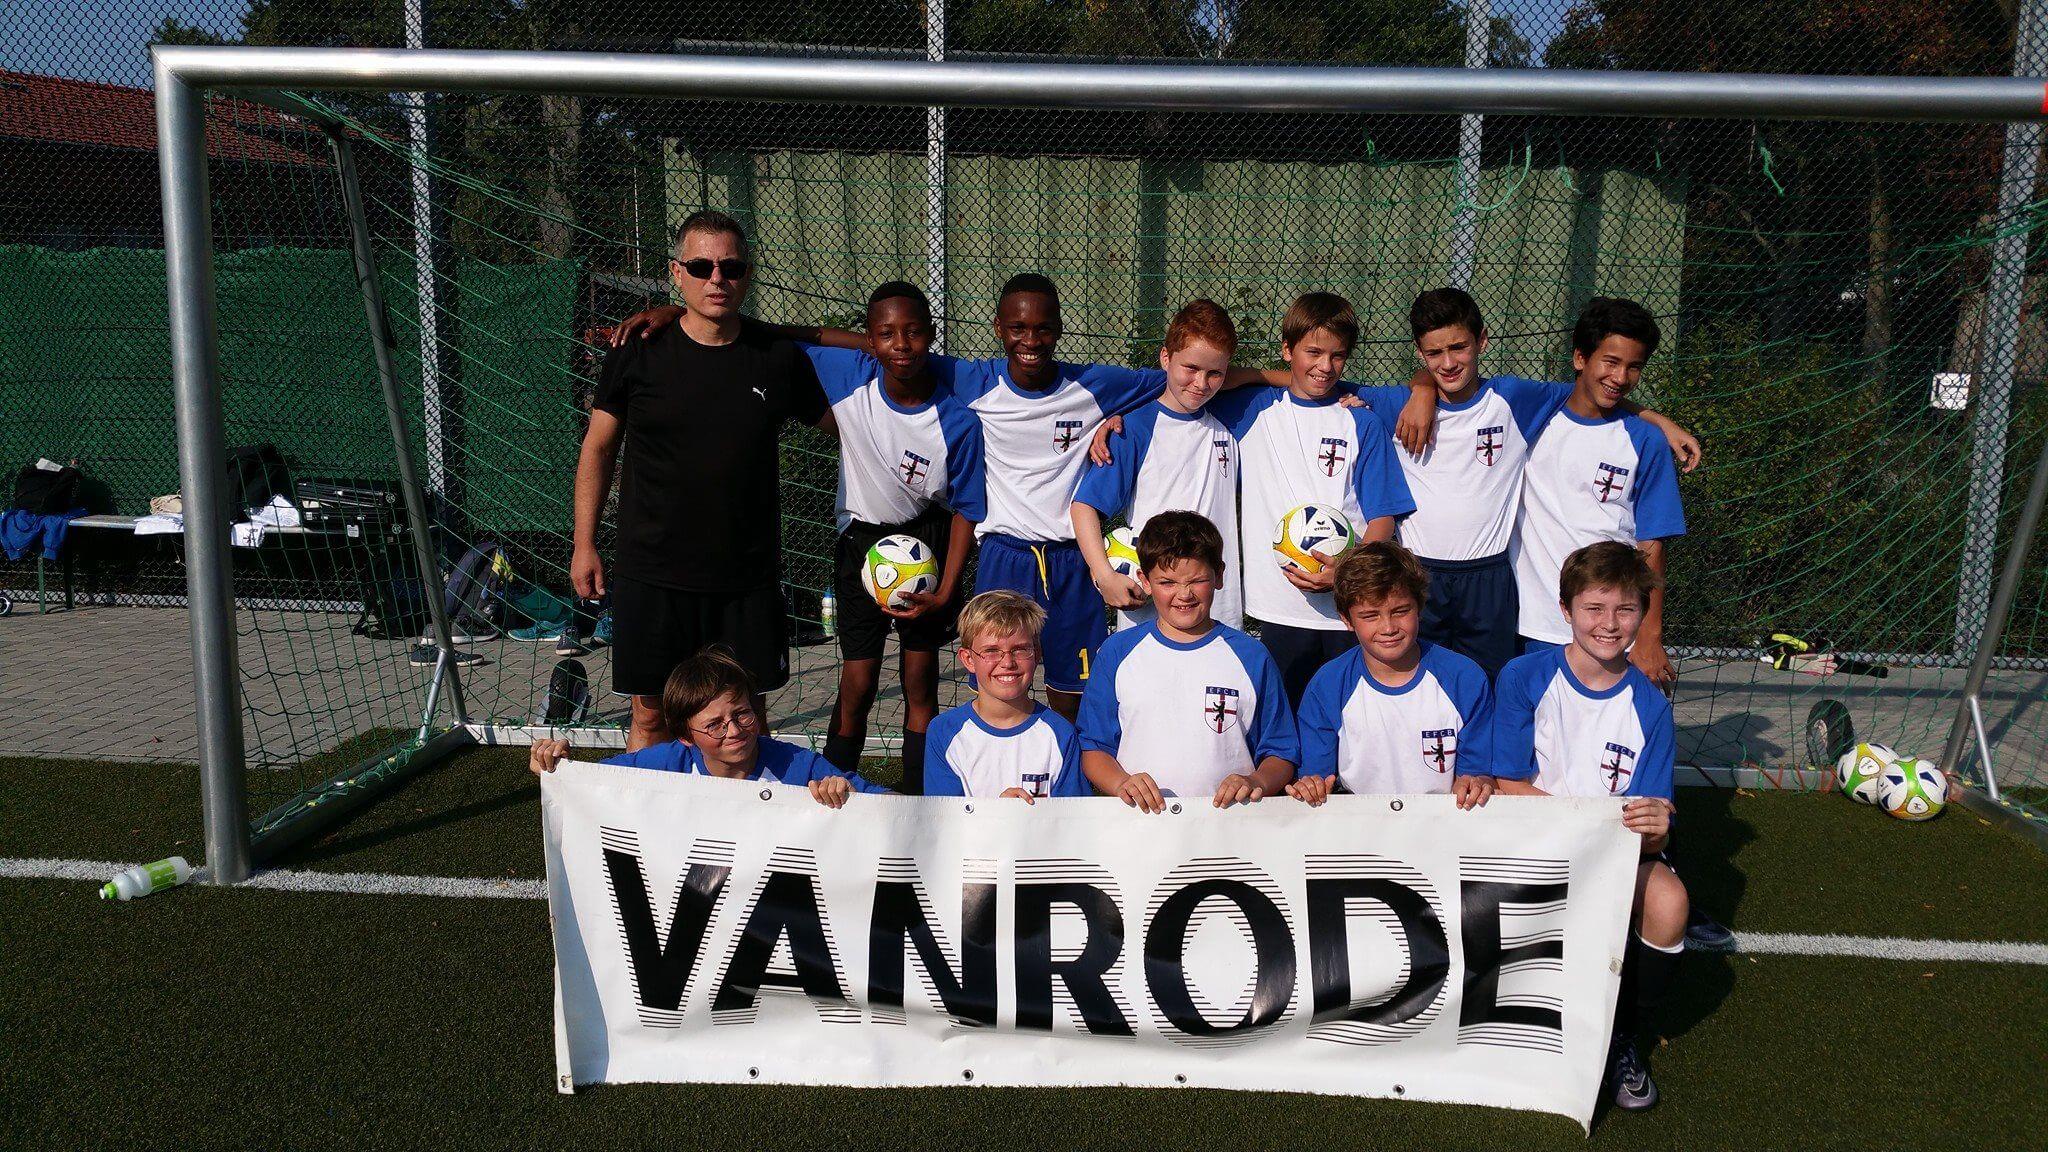 VANRODE – EFCB – English Football Club Berlin